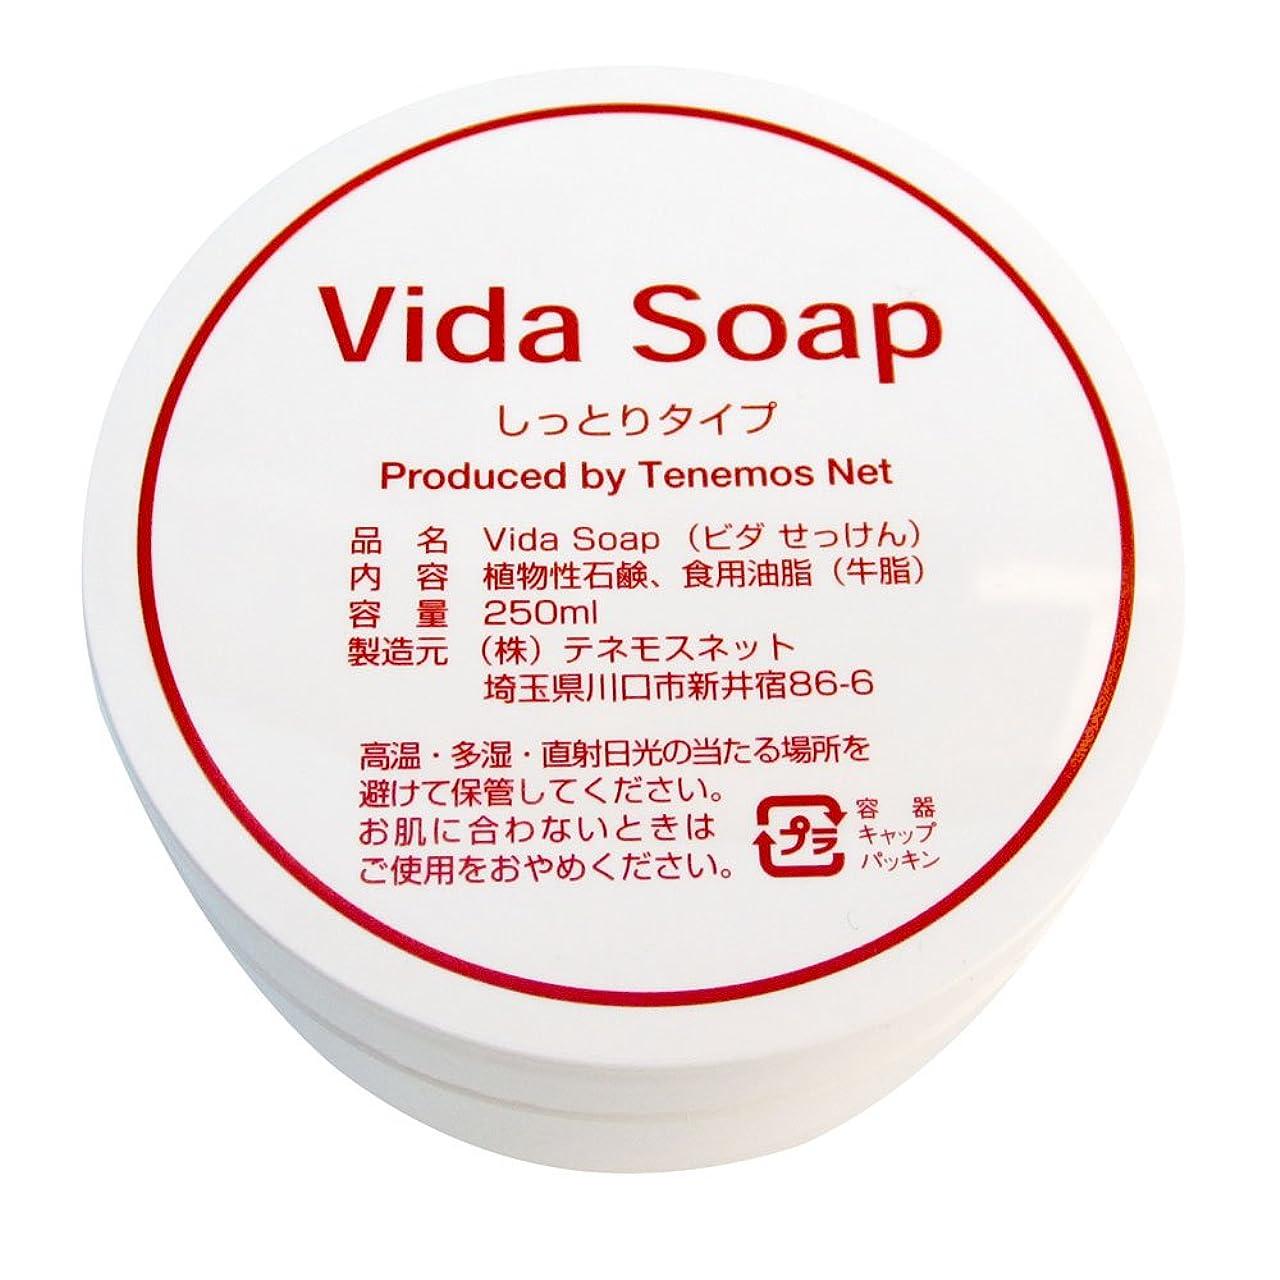 テネモス ビダせっけん Vida Soap しっとりノーマル 動物性 250ml